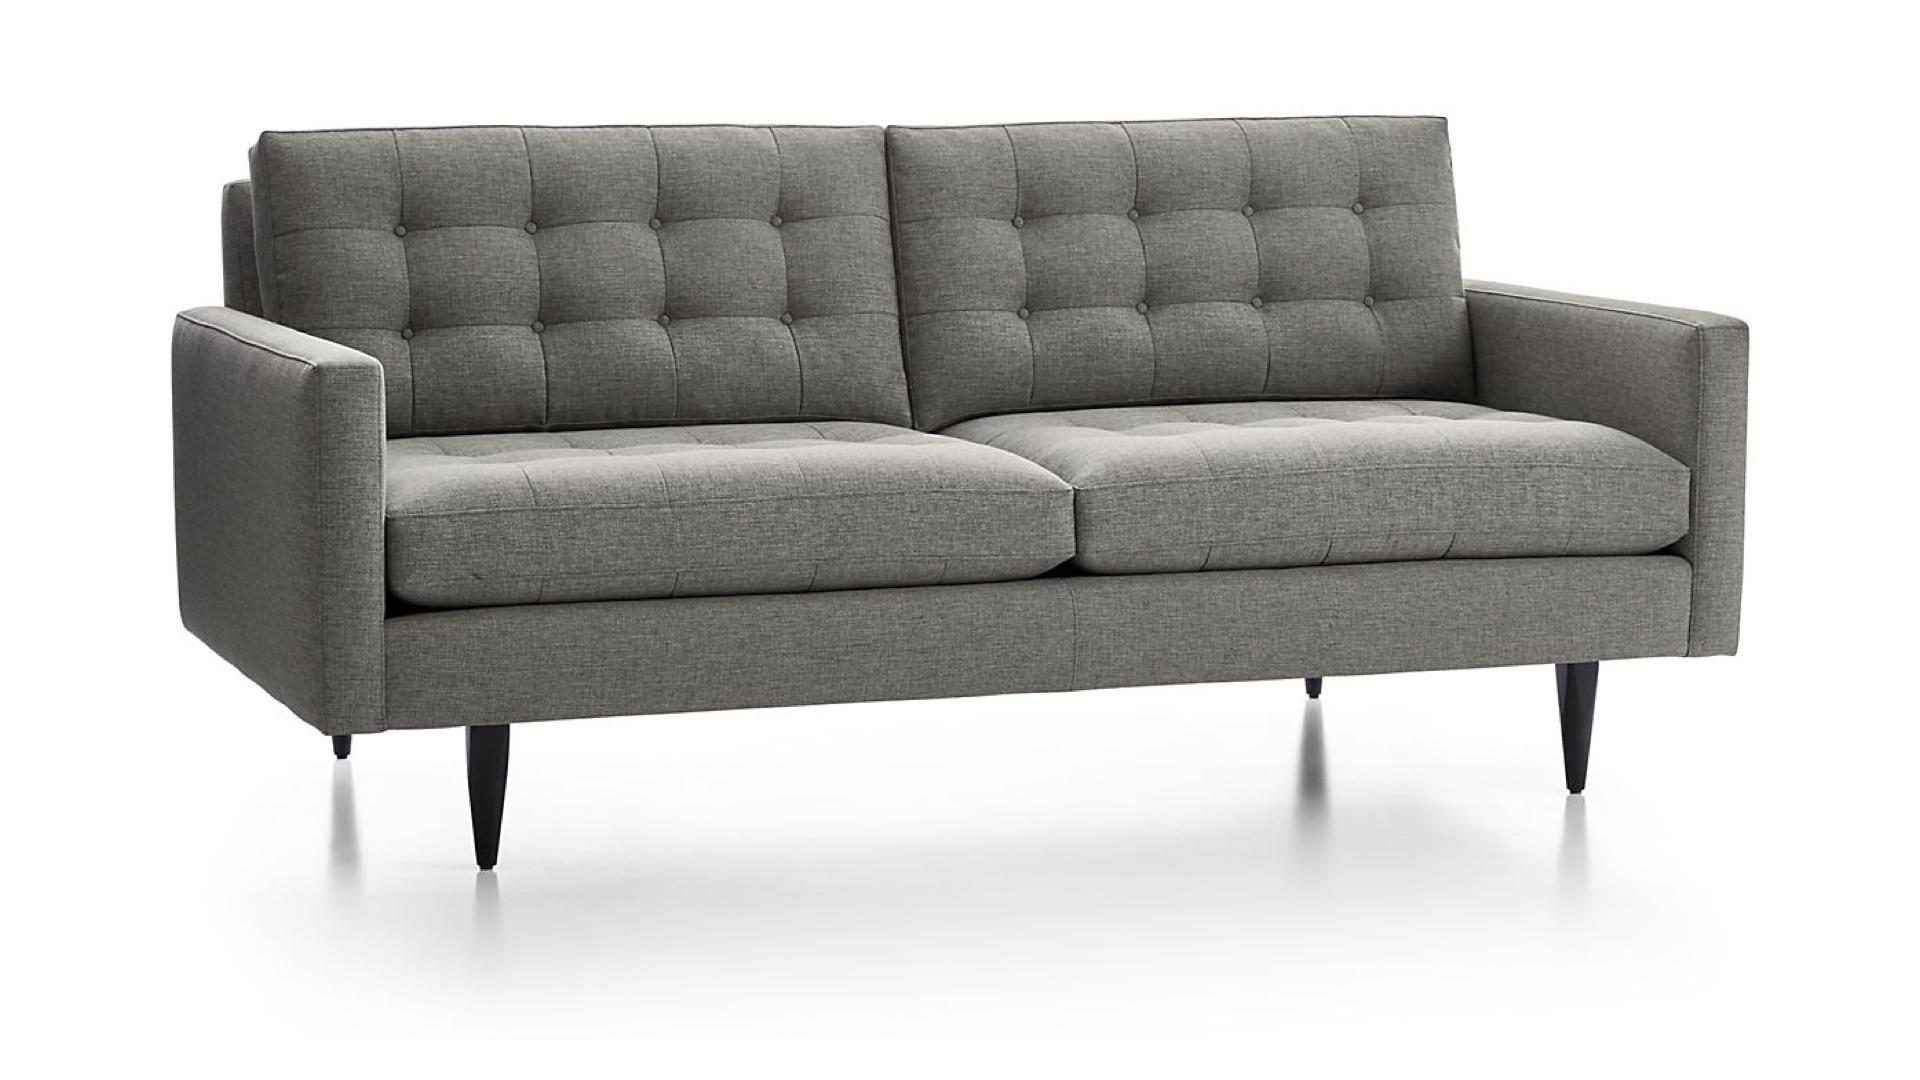 Sofa Camil